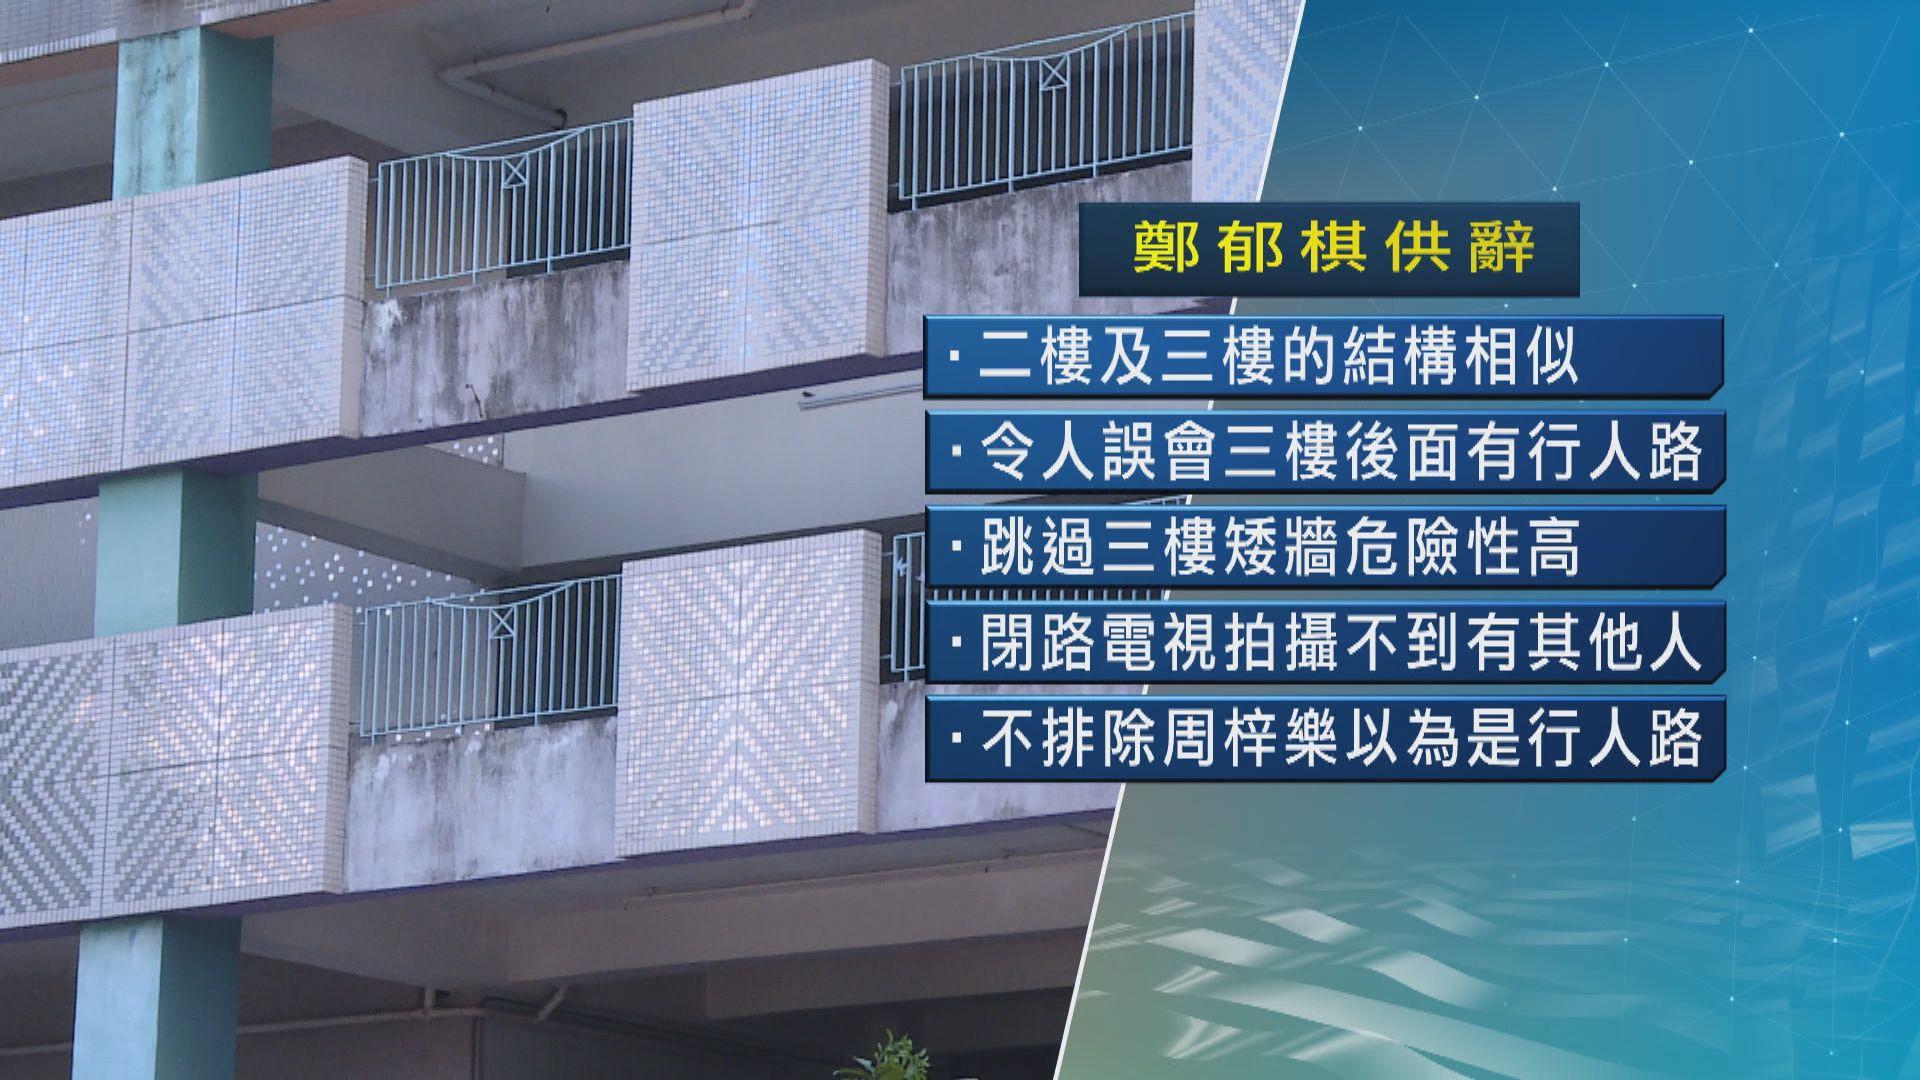 周梓樂死因研訊 專家證人:停車場二三樓結構相似易誤會矮牆後有行人路